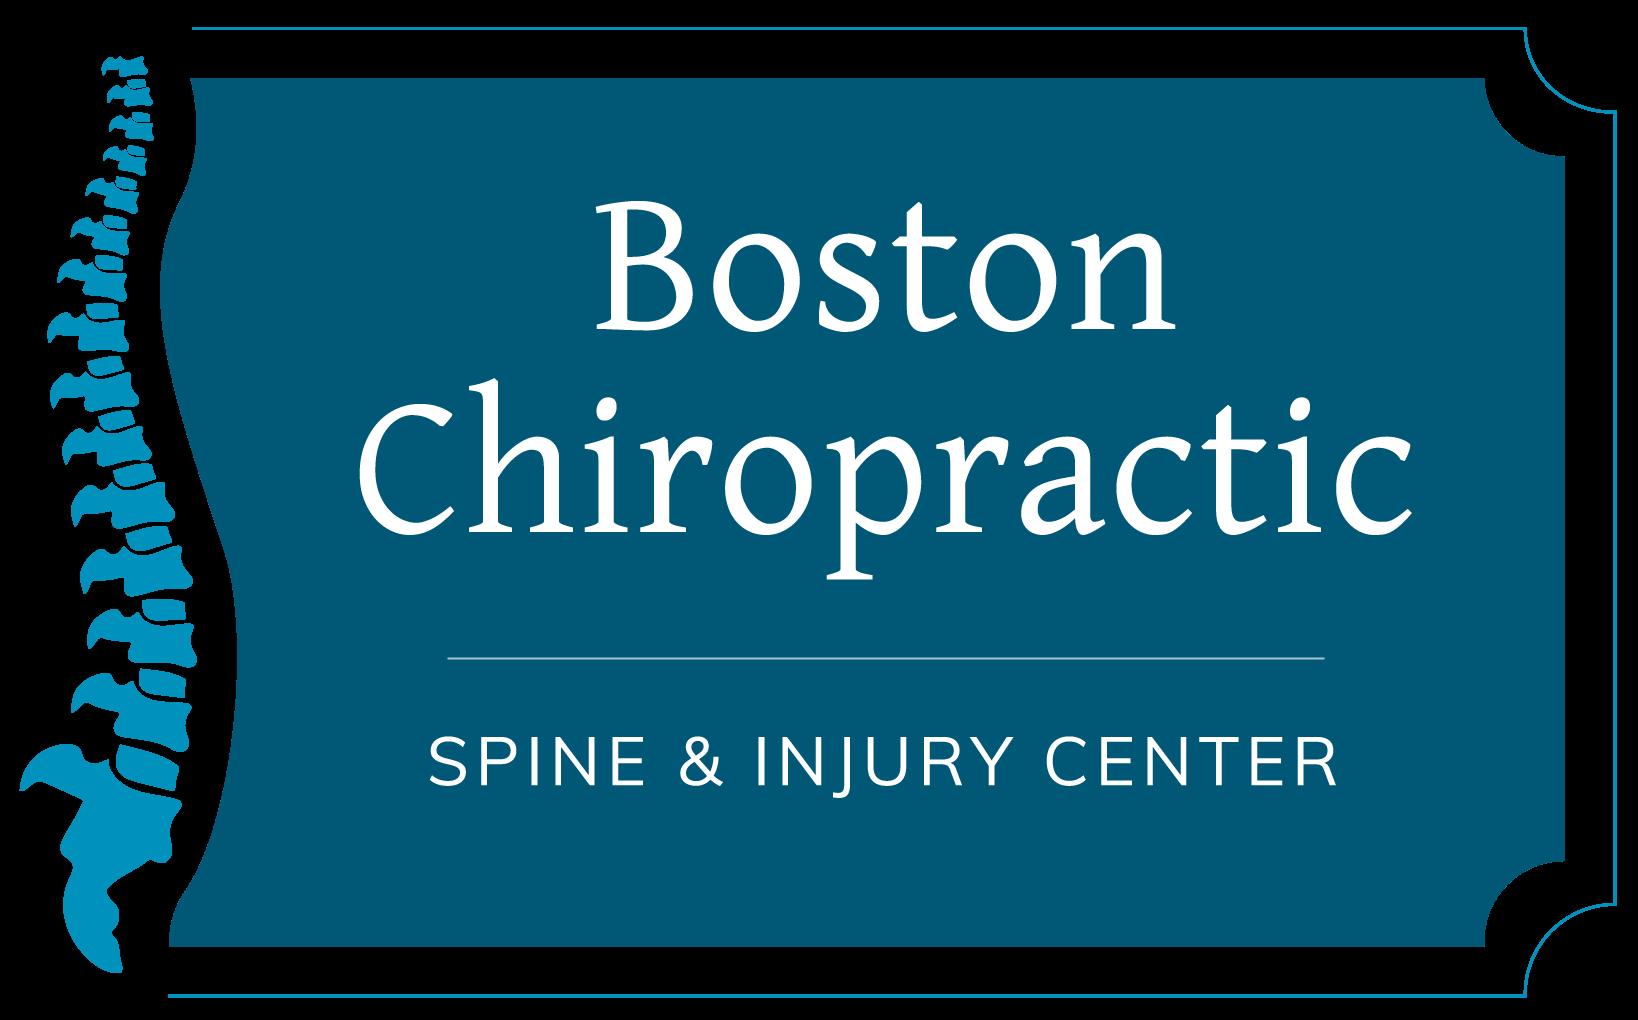 Boston Chiropractice Spine & Injury Center Logo